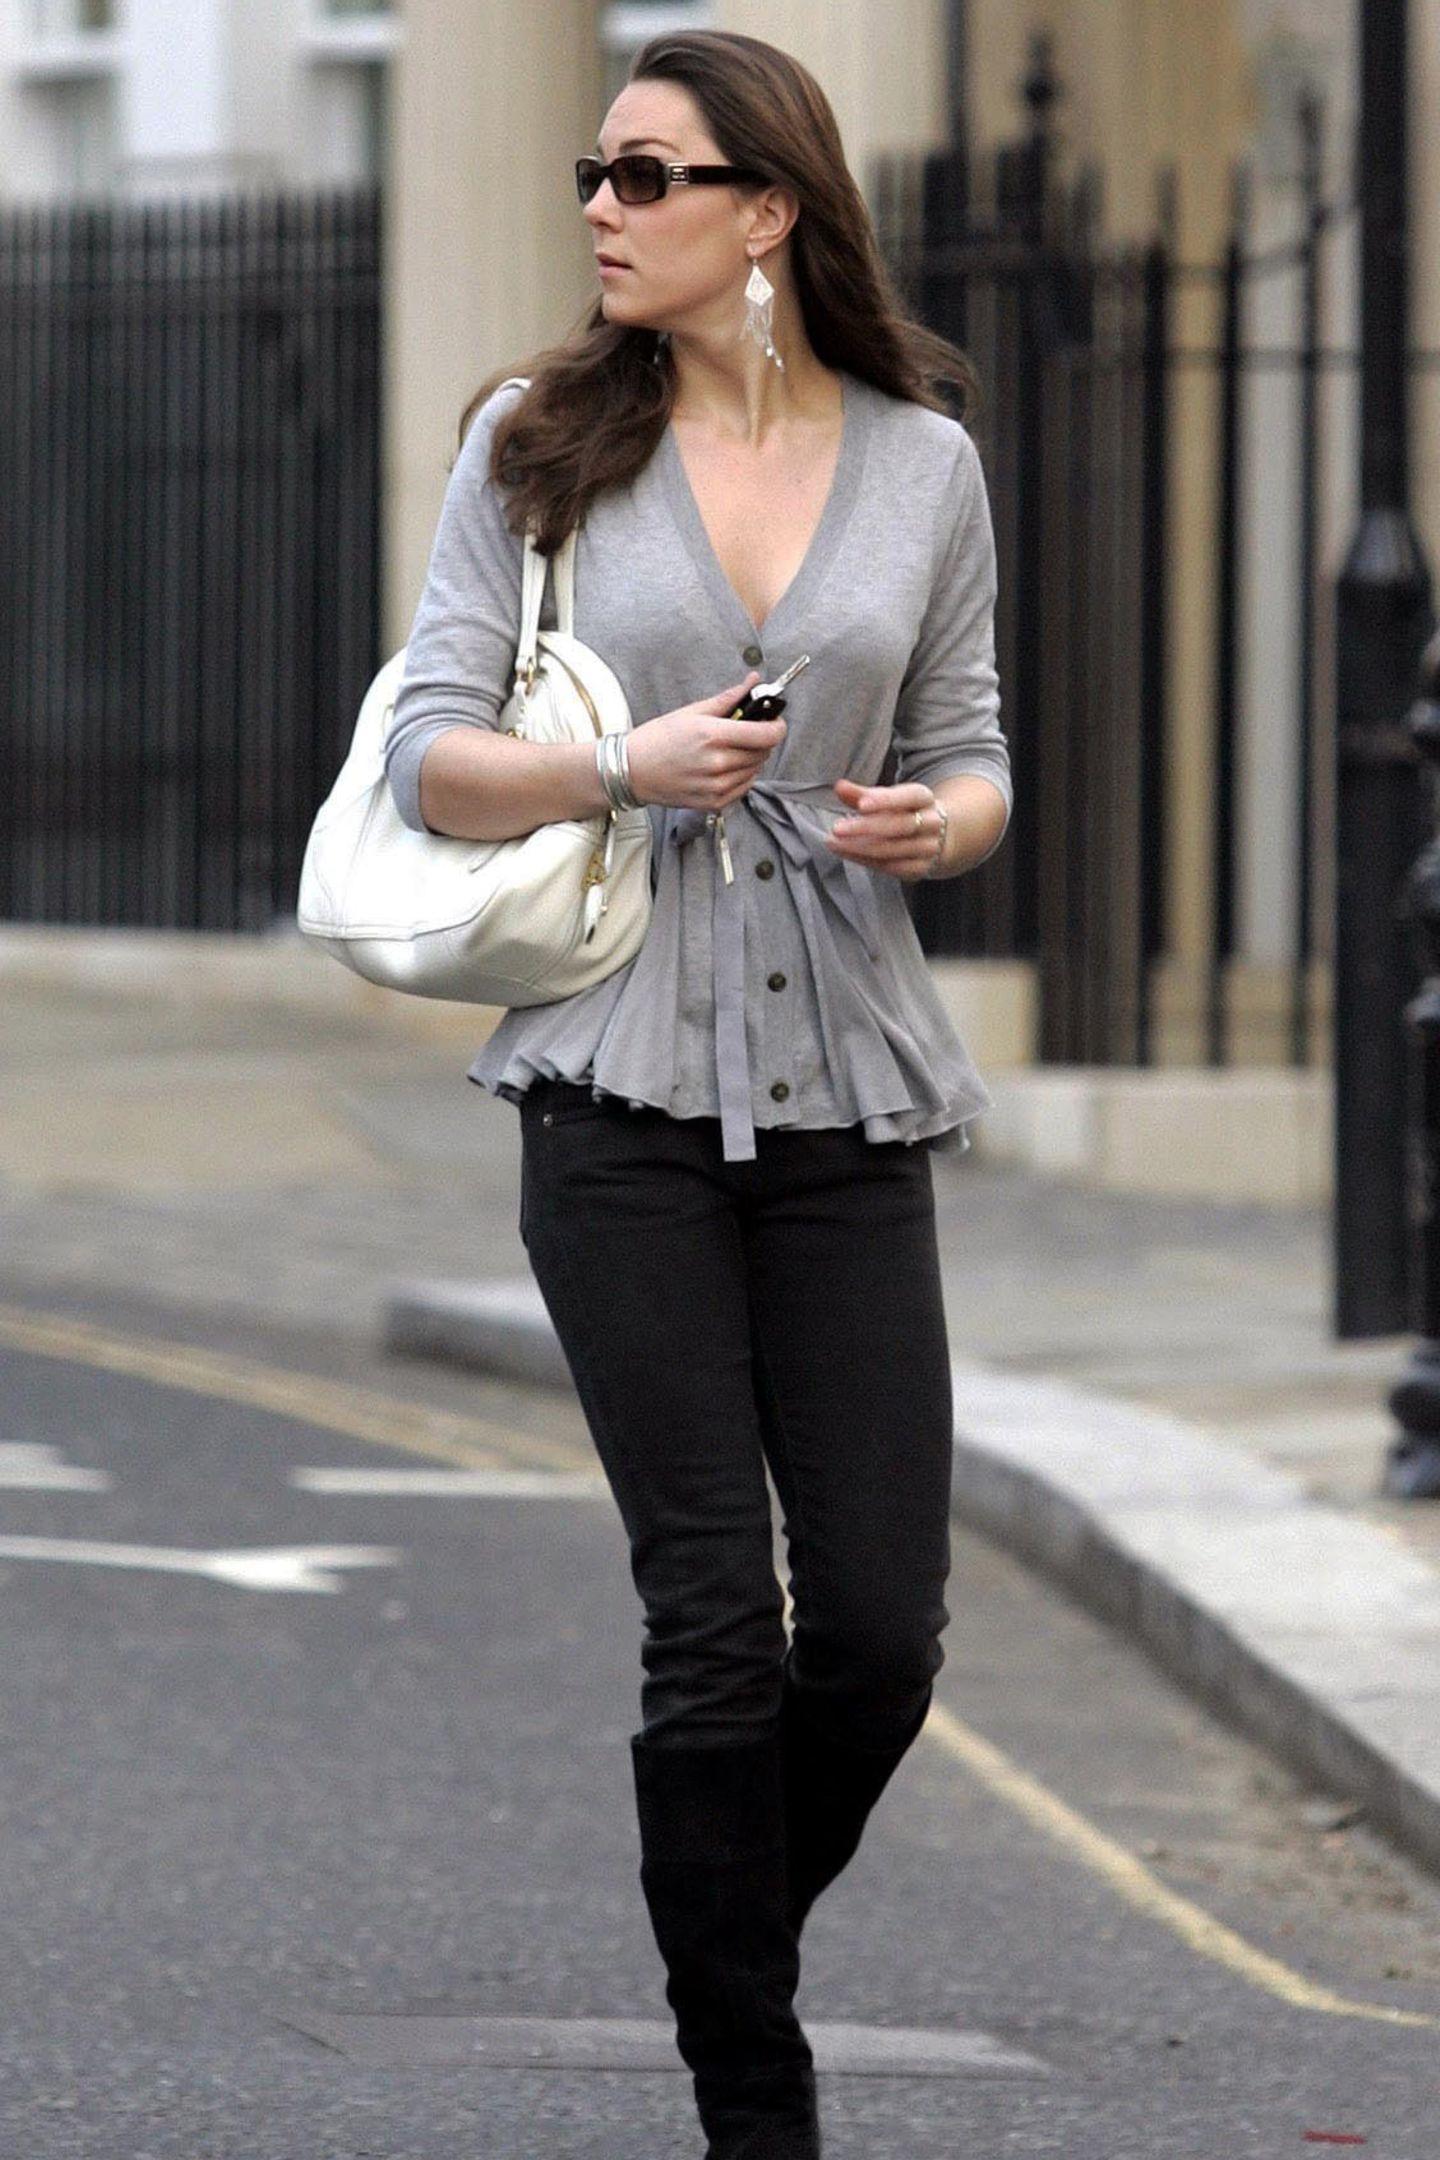 2007  Eine Vorliebe für raffinierte Details scheint Herzogin Catherine schon immer gehabt zu haben. Das beweist ihre graue Strickjacke mit kleinen Knöpfchen und Schleife.